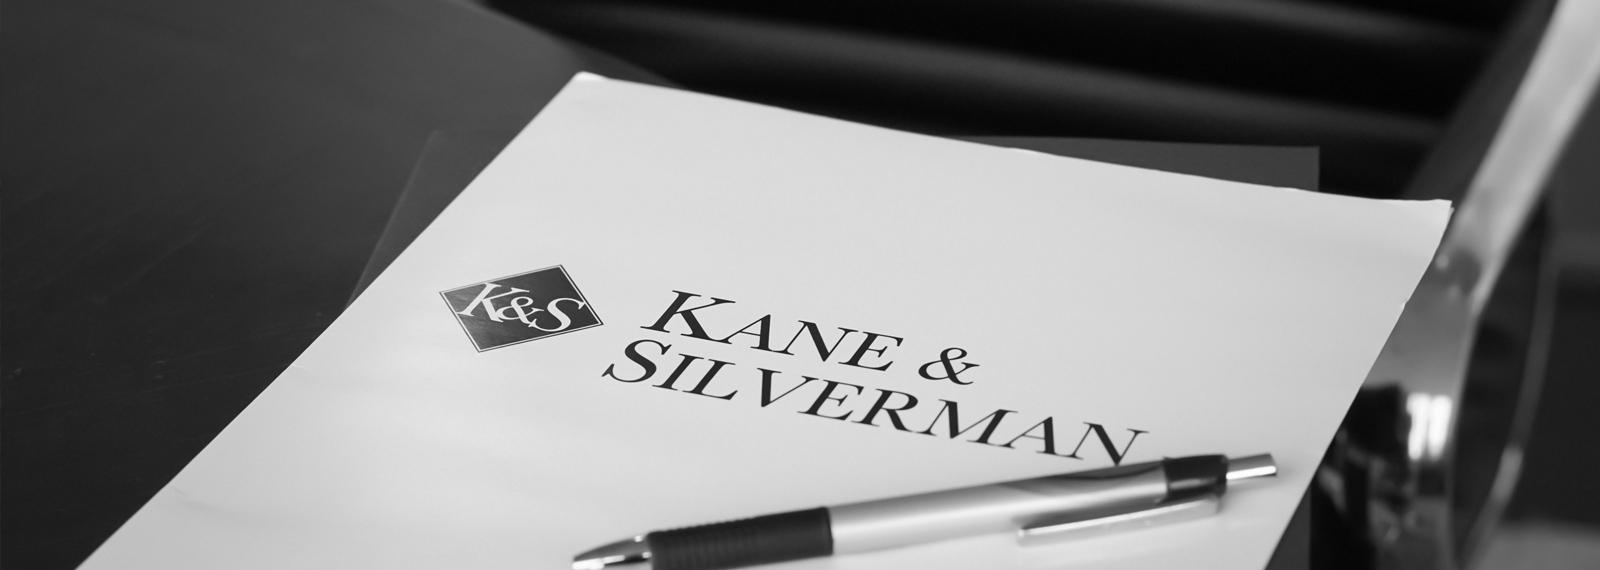 About Kane & Silverman